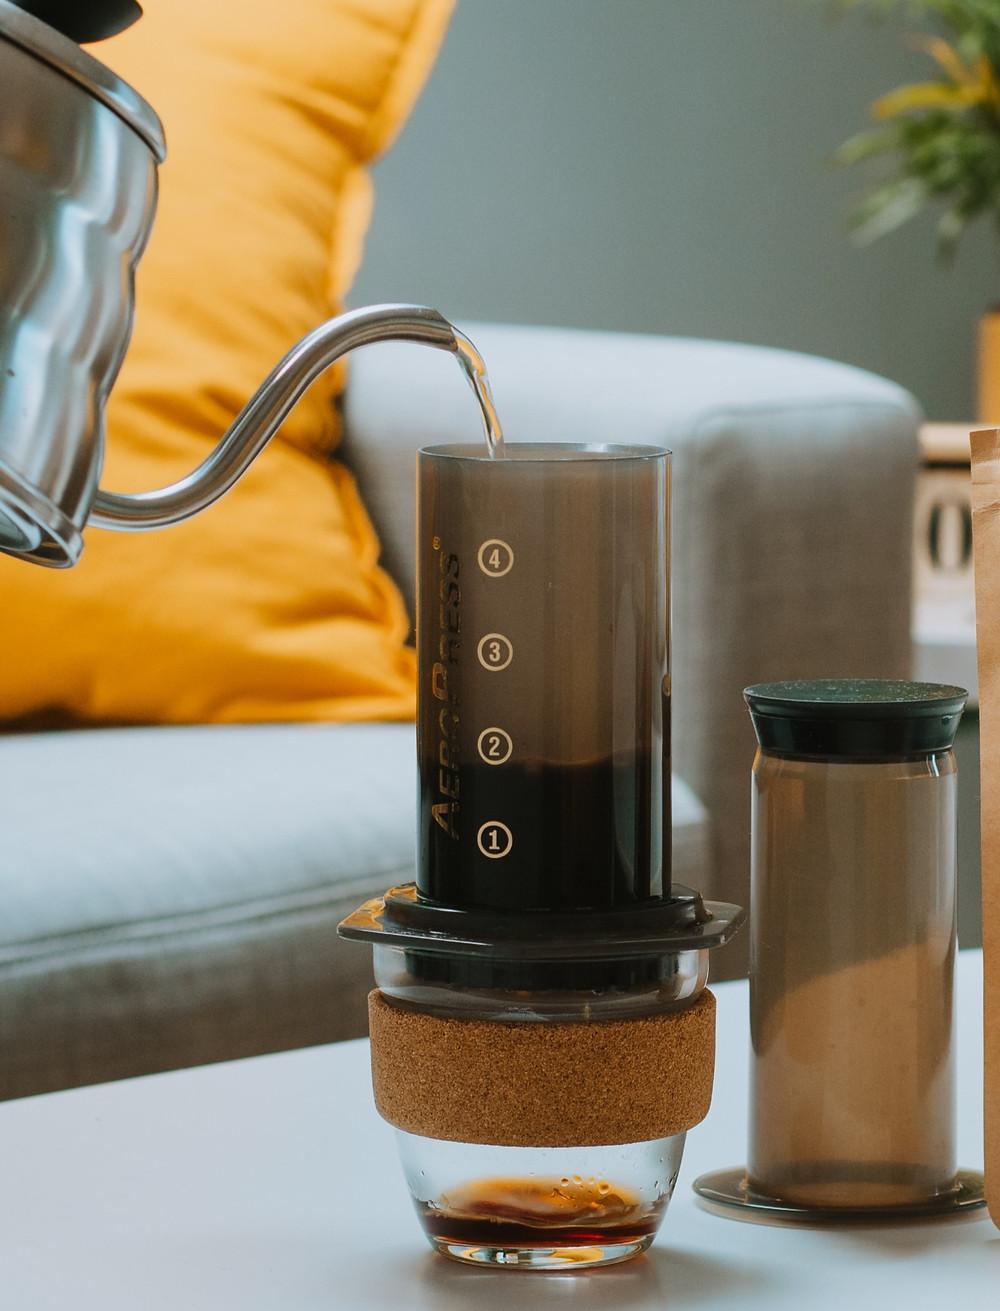 Préparer son café avec l'Aeropress